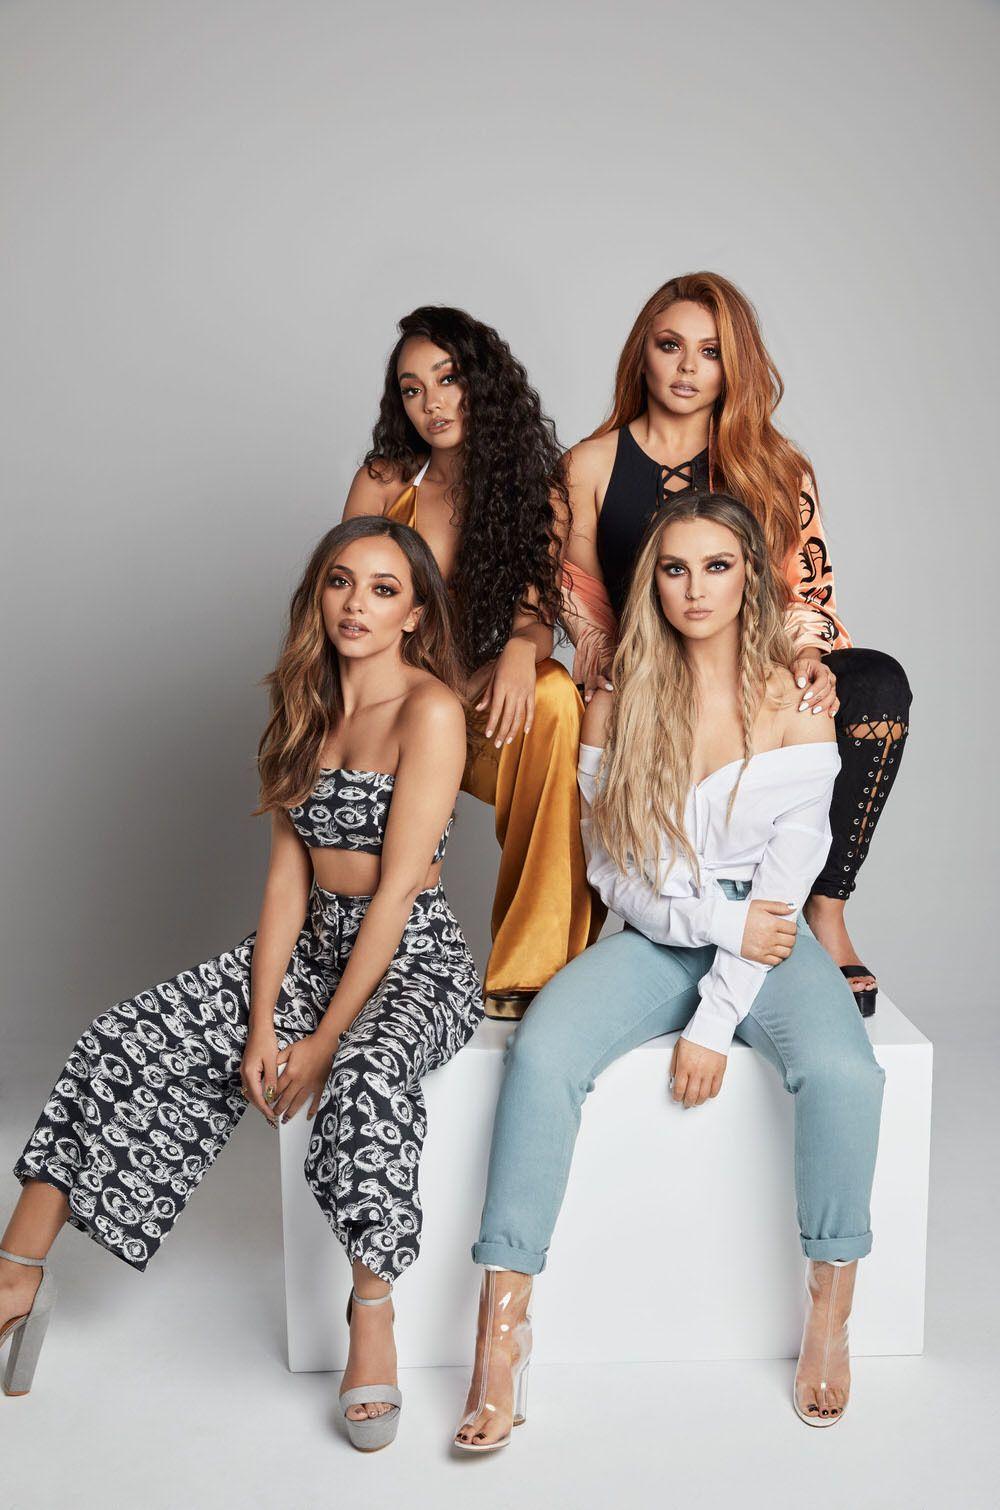 Little Mix News | Little mix photoshoot, Little mix girls ...